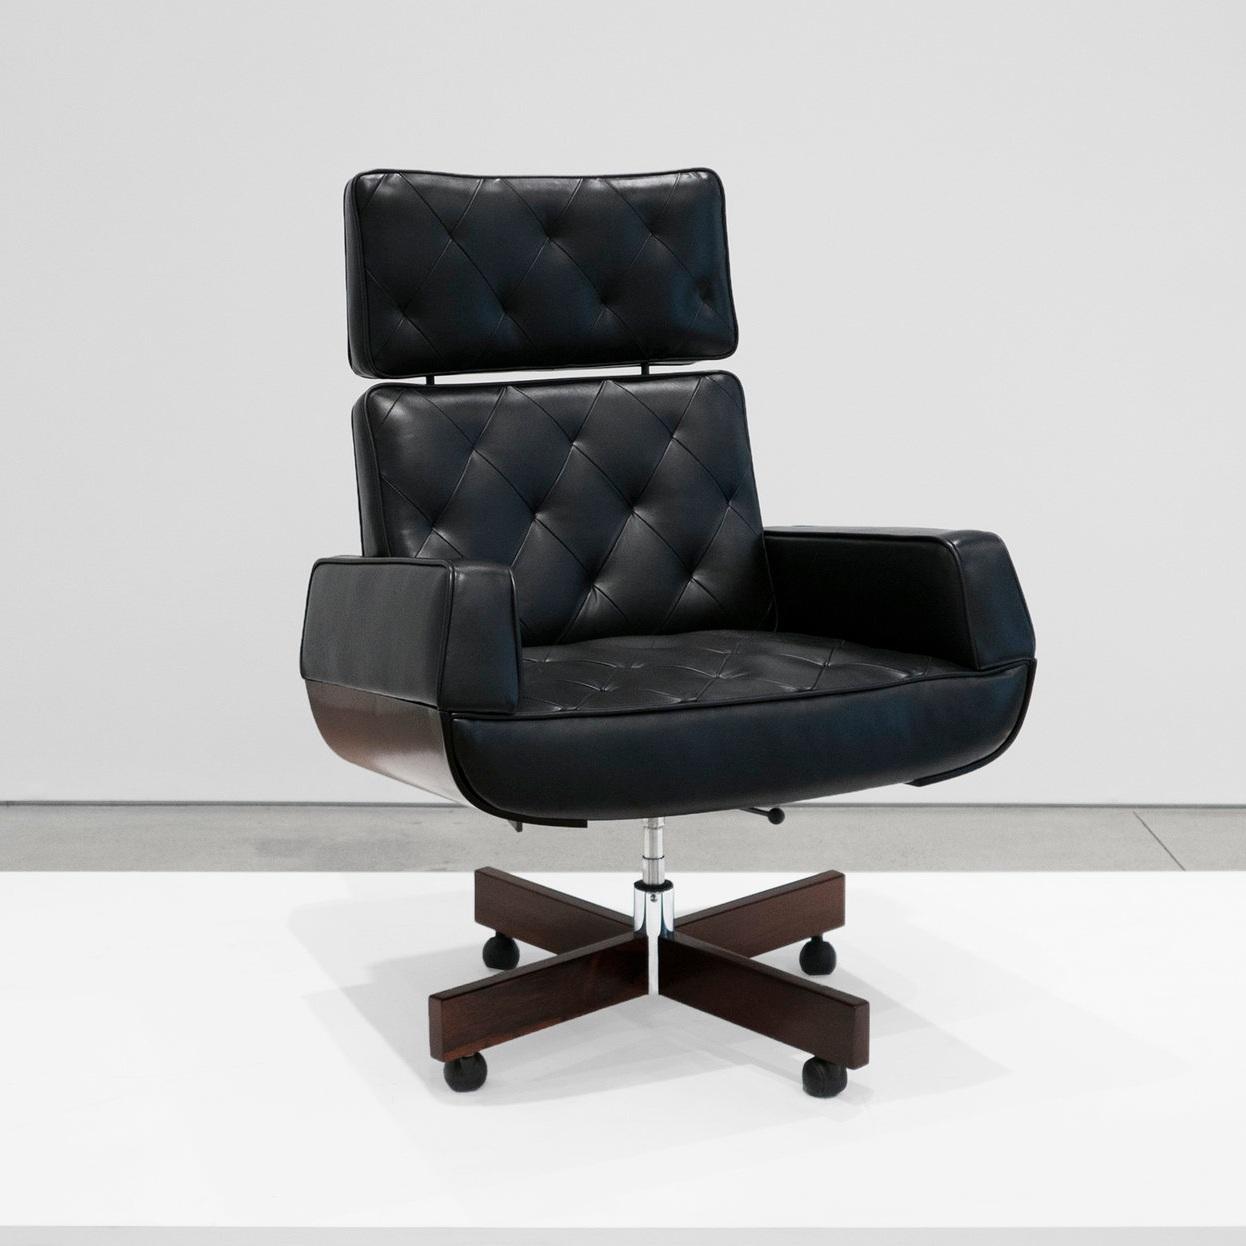 jorge zalszupin 'ambassador' armchair $14,000